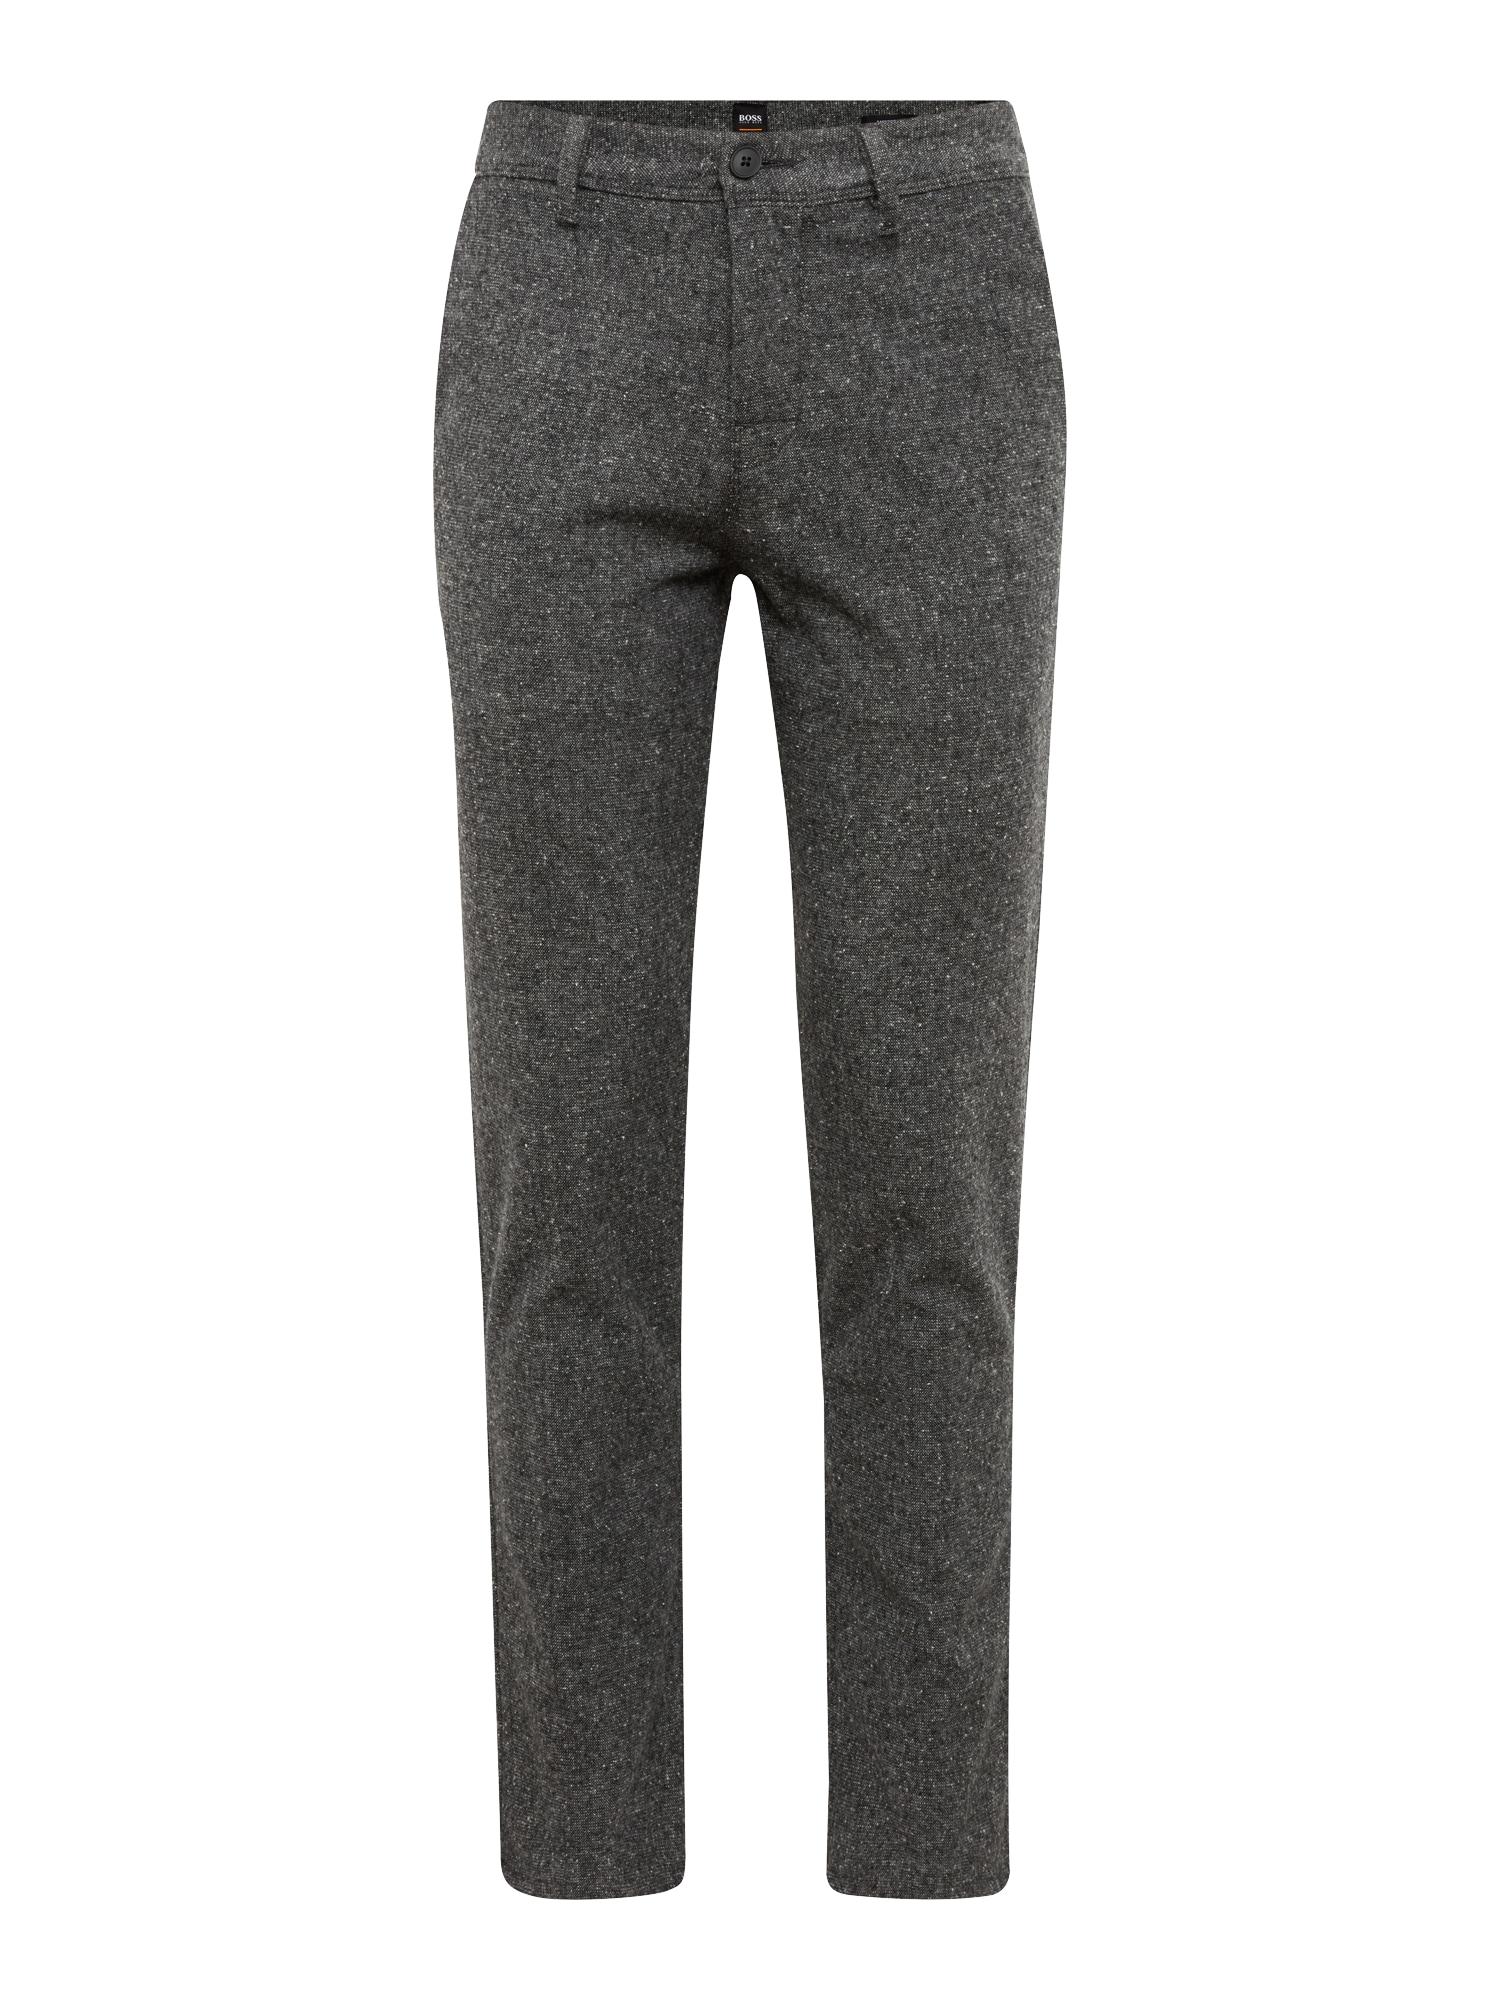 Chino kalhoty Schino-Tapered 10209697 01 tmavě šedá černá BOSS